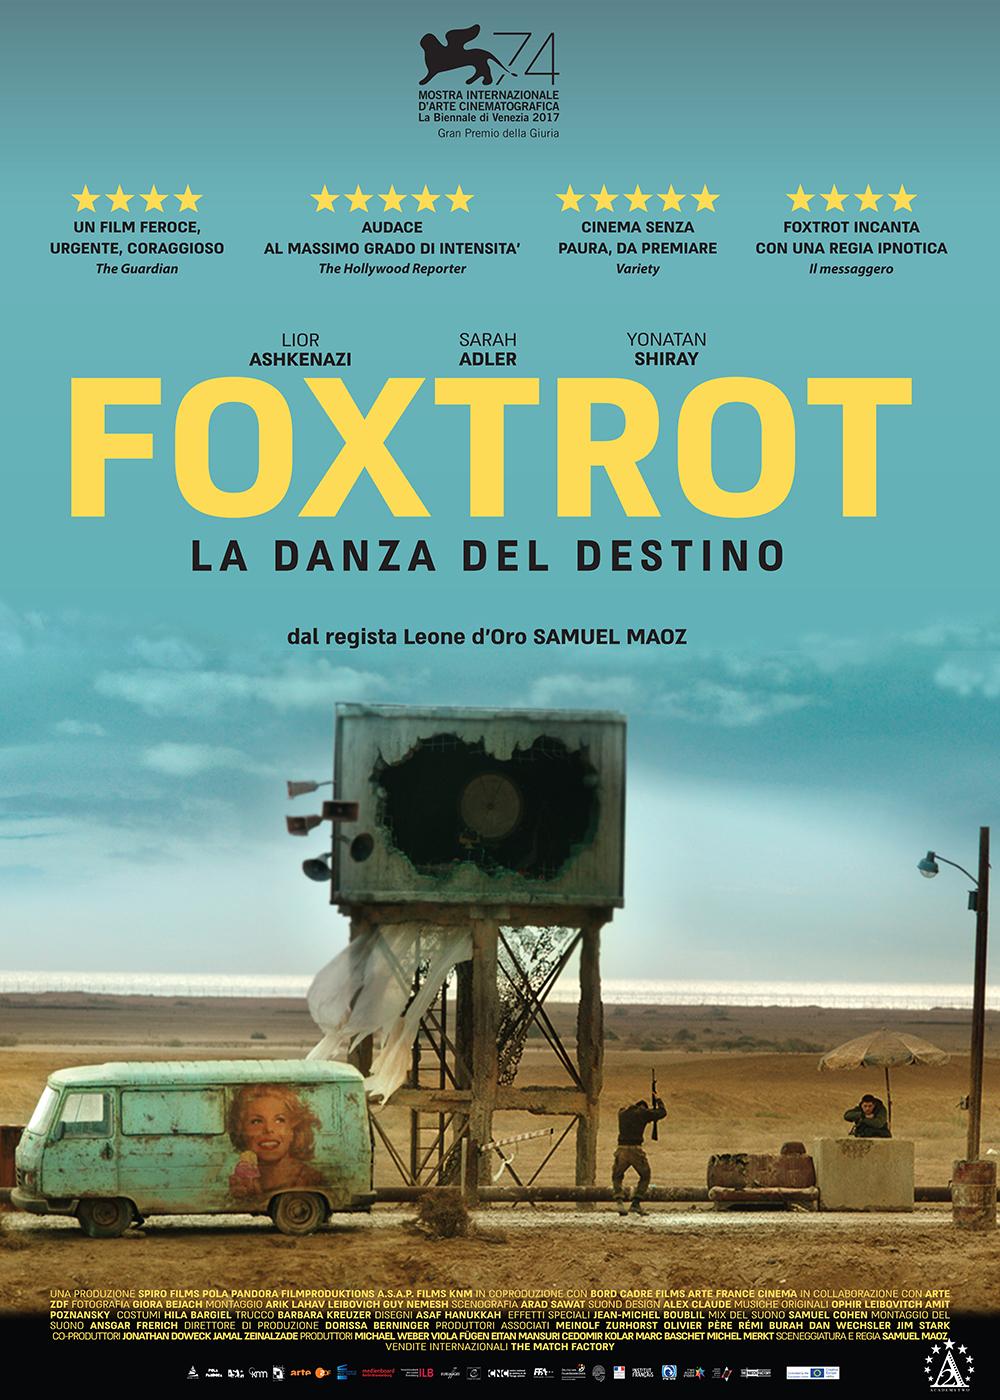 Foxtrot - manifesto italiano del film in esclusiva